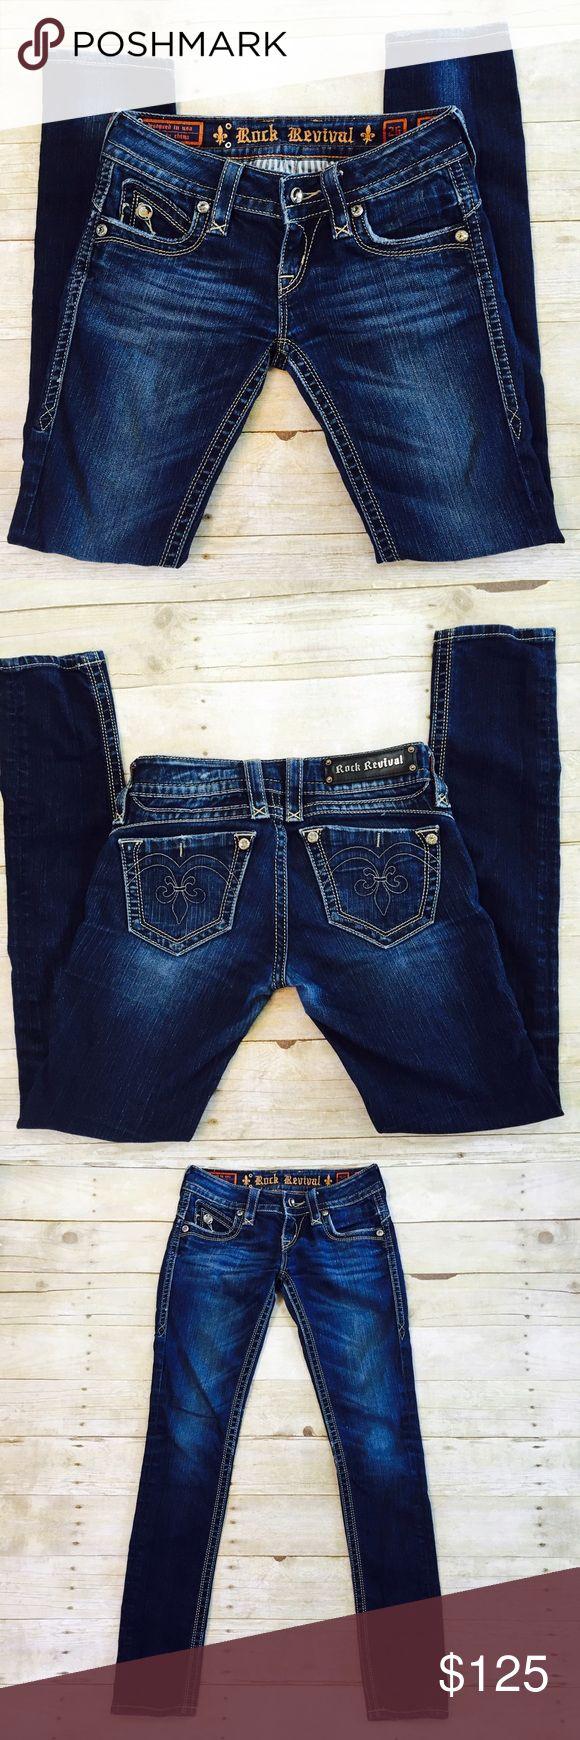 """Rock Revival Adele Skinny Jeans Rock revival skinny jeans, Adele style. Inseam 31"""". Rock Revival Jeans Skinny"""